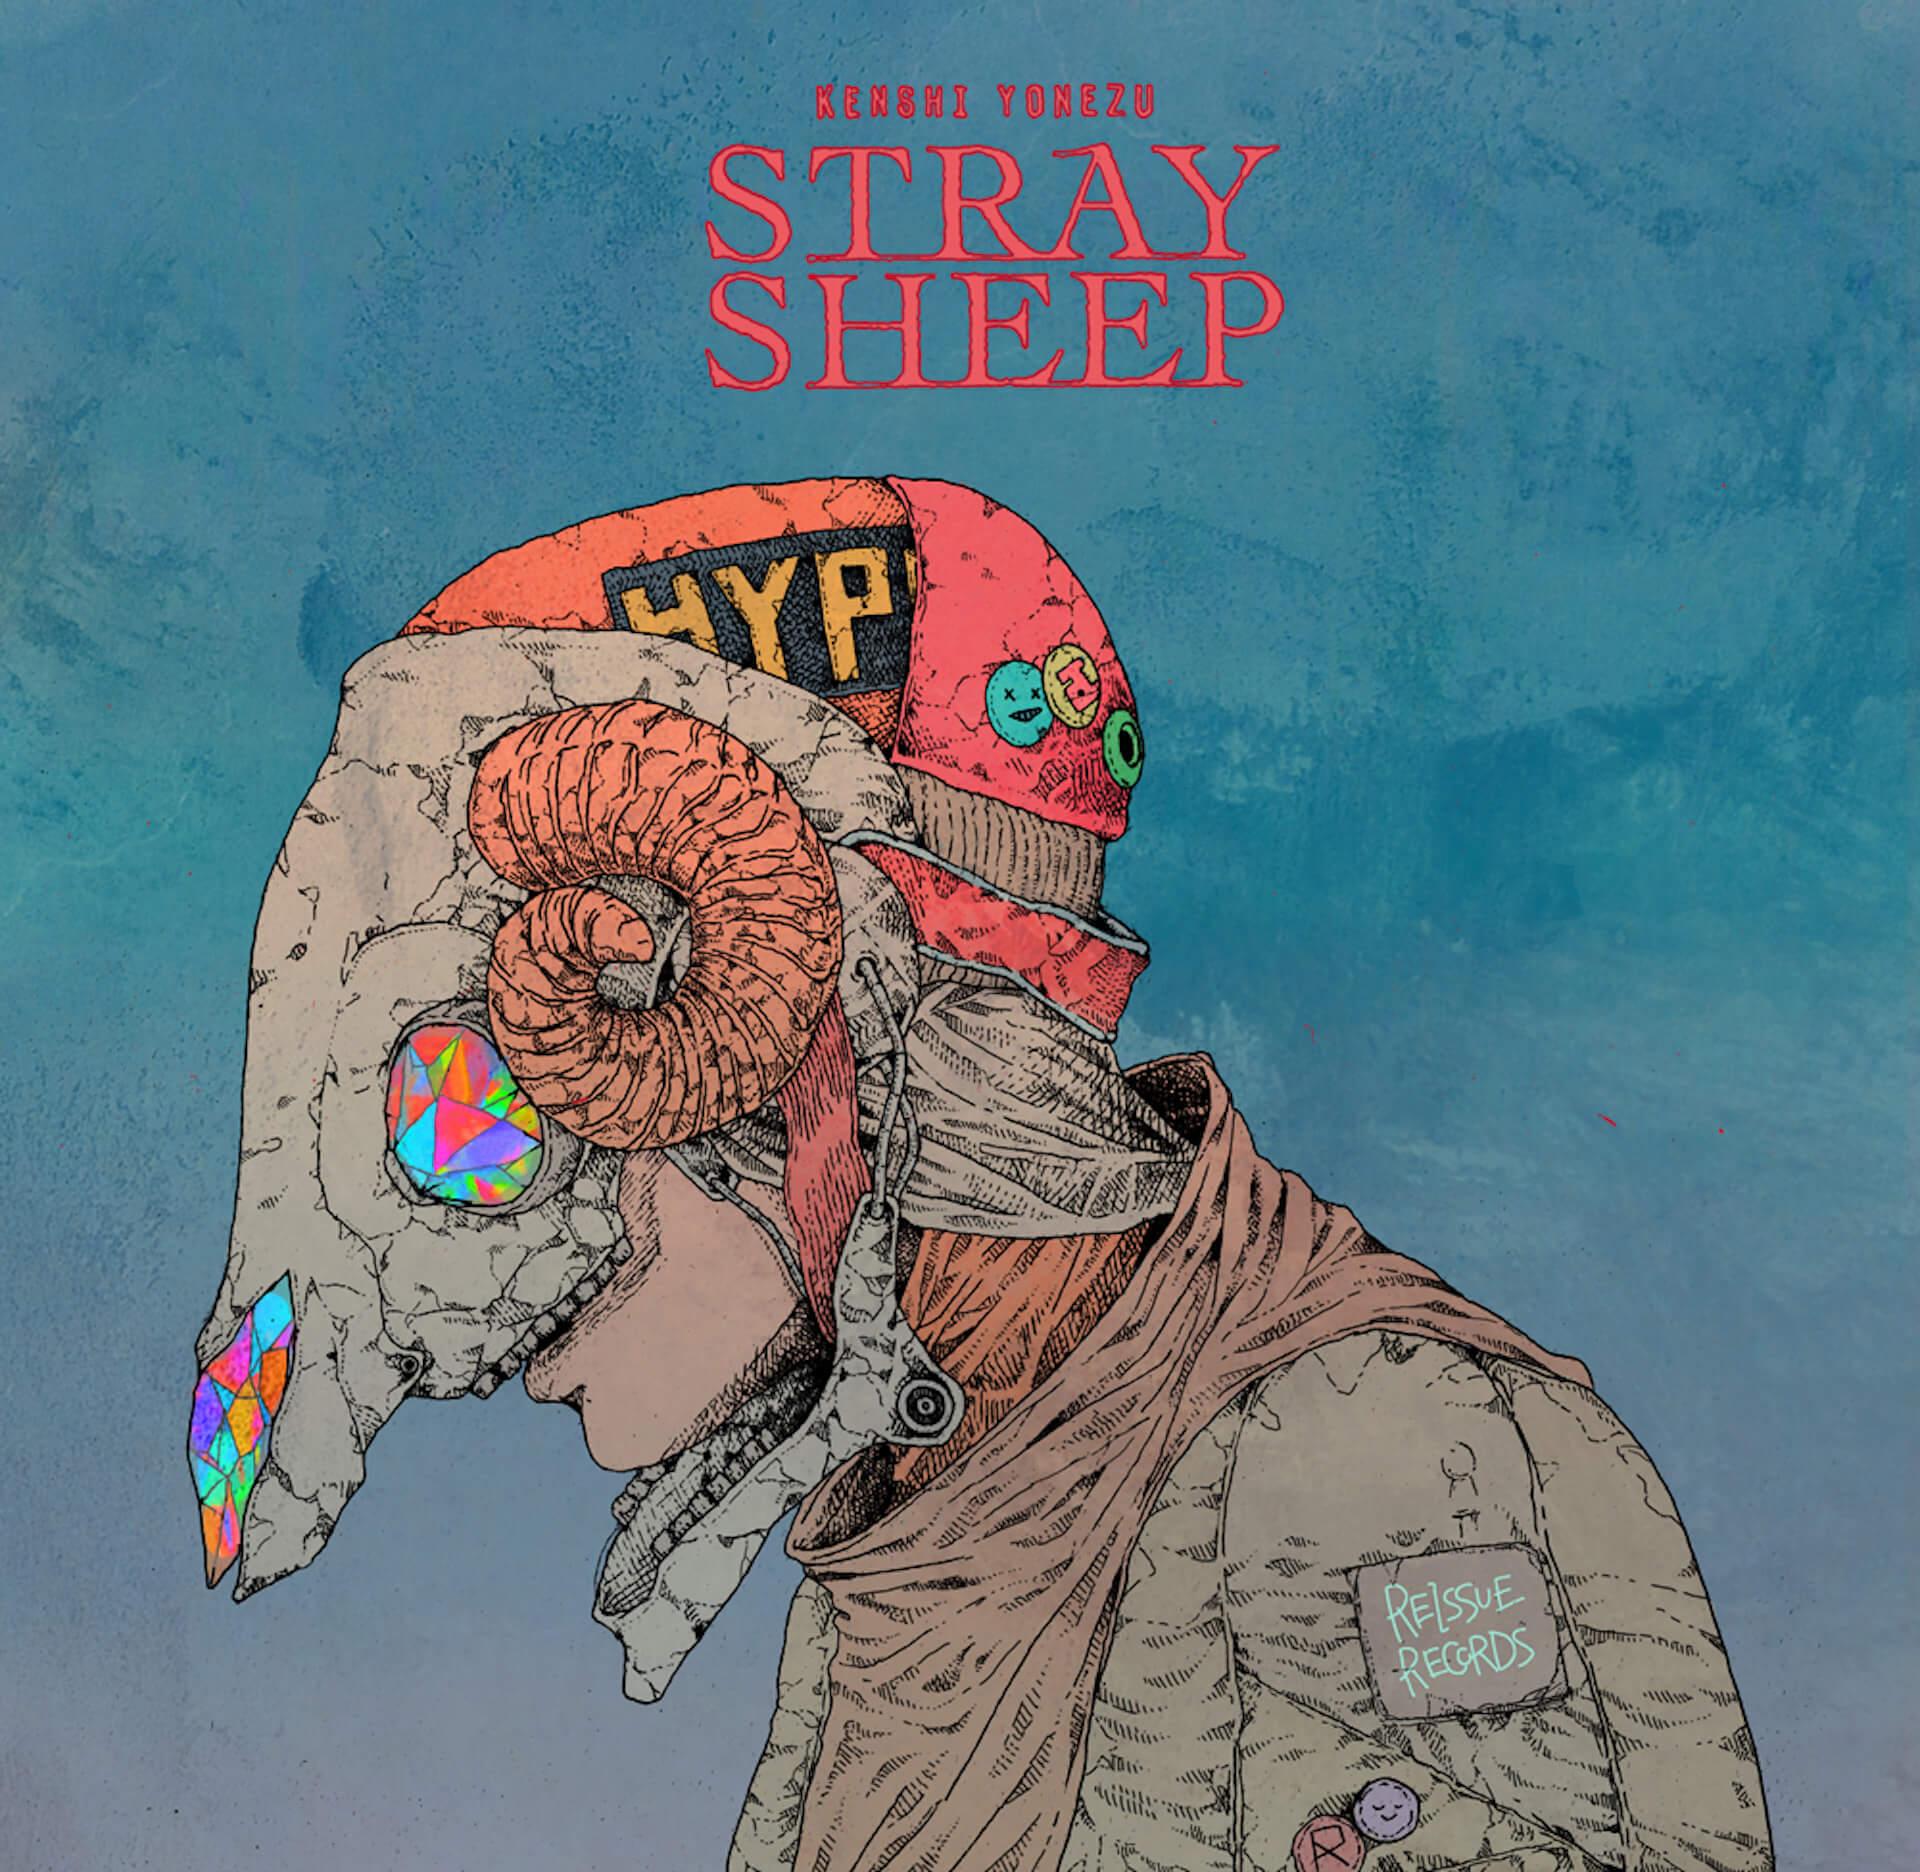 米津玄師ニューアルバム『STRAY SHEEP』を全曲試聴できる!新曲も聴けるクロスフェード動画が公開 music200803_yonezukenshi_2